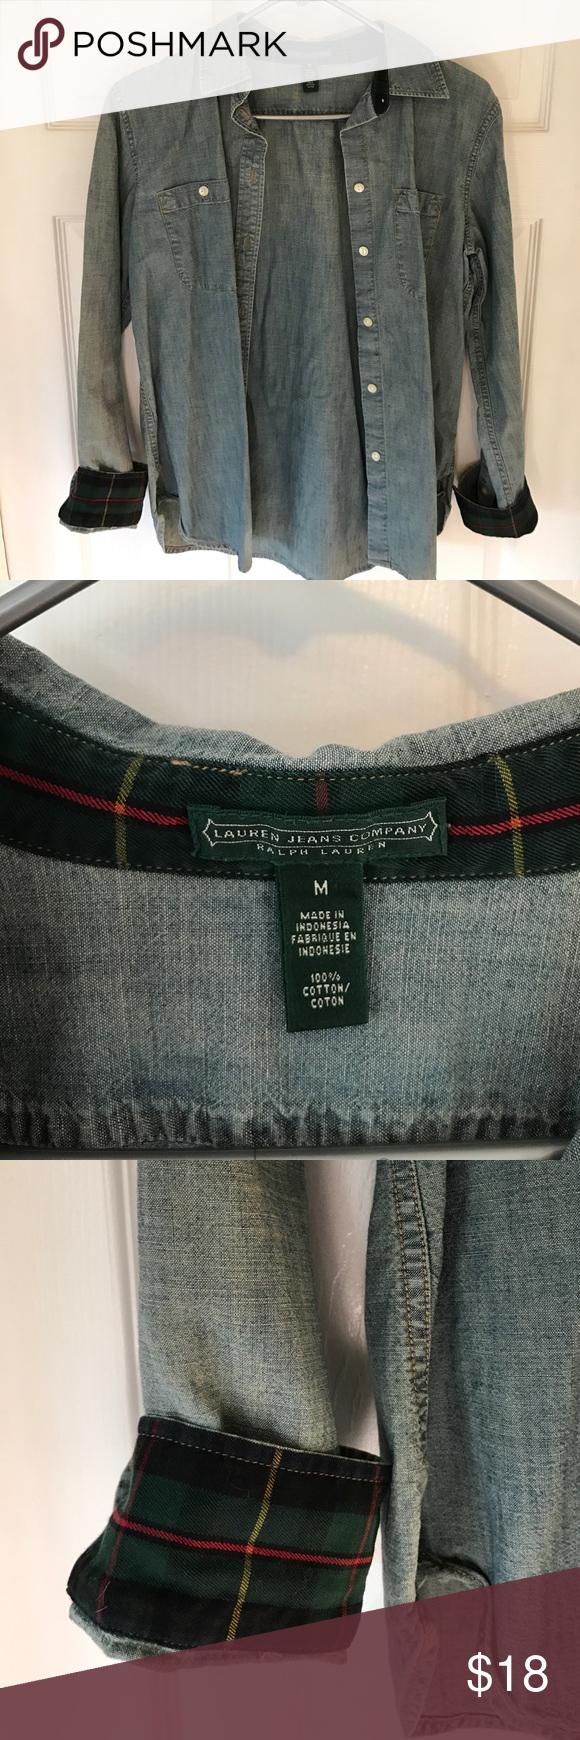 Ralph Lauren Chambray Shirt Ralph Lauren button up top, lightweight denim, size Med. plaid detailing along collar and cuffs Ralph Lauren Tops Button Down Shirts